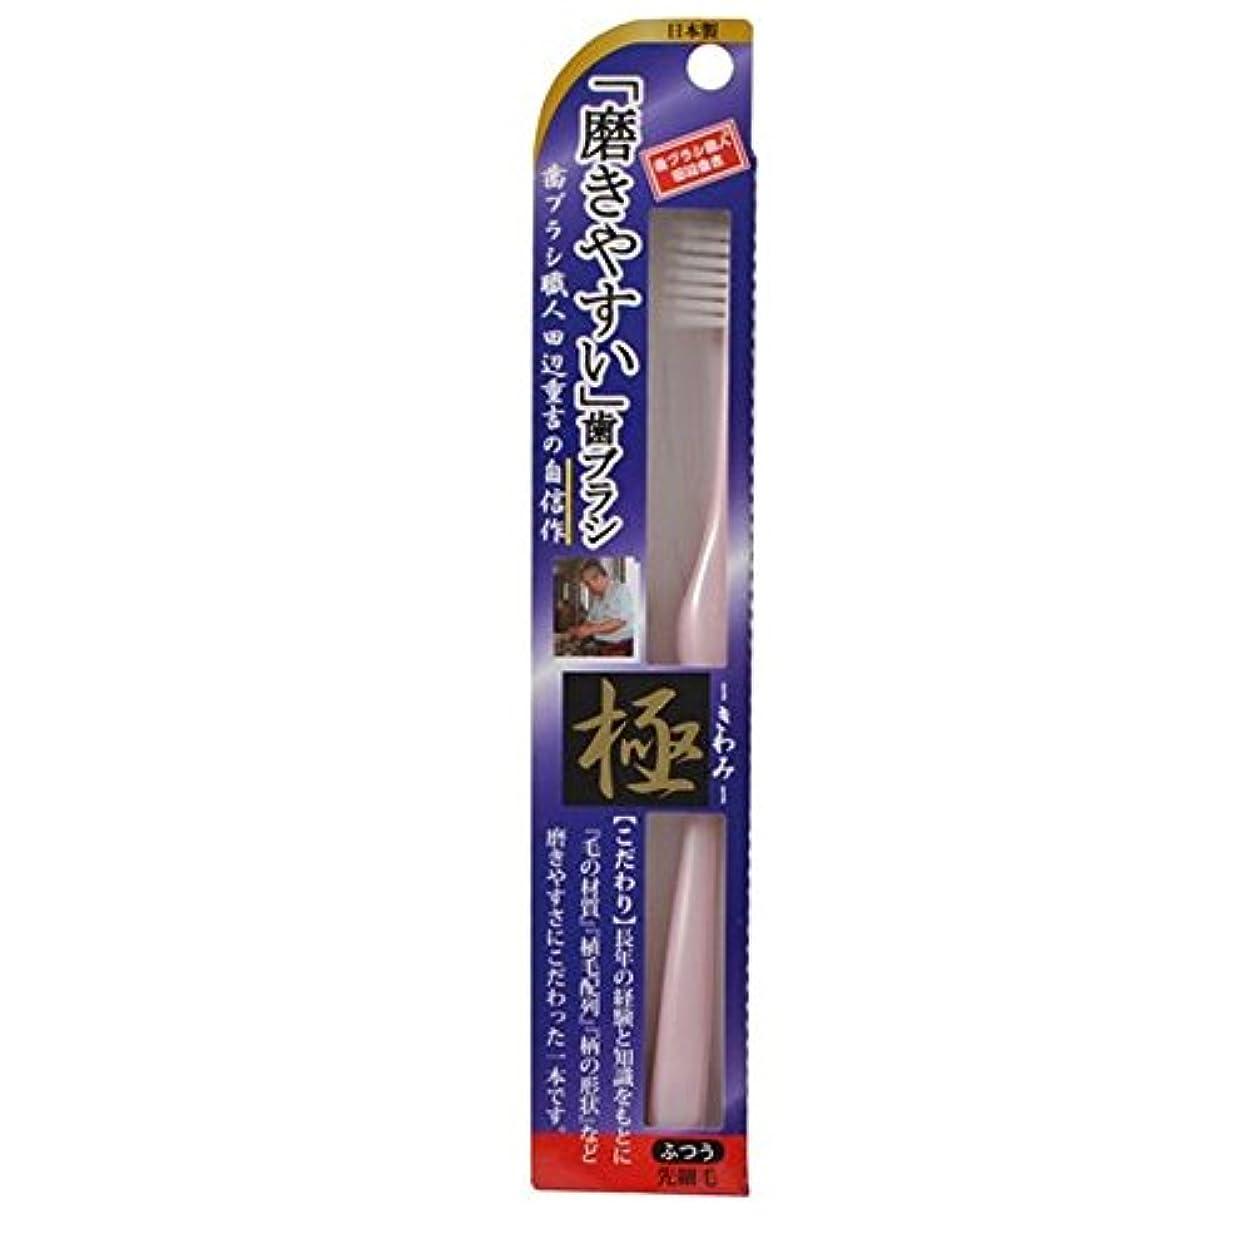 見捨てられた識字グループ磨きやすい歯ブラシ極 LT-22